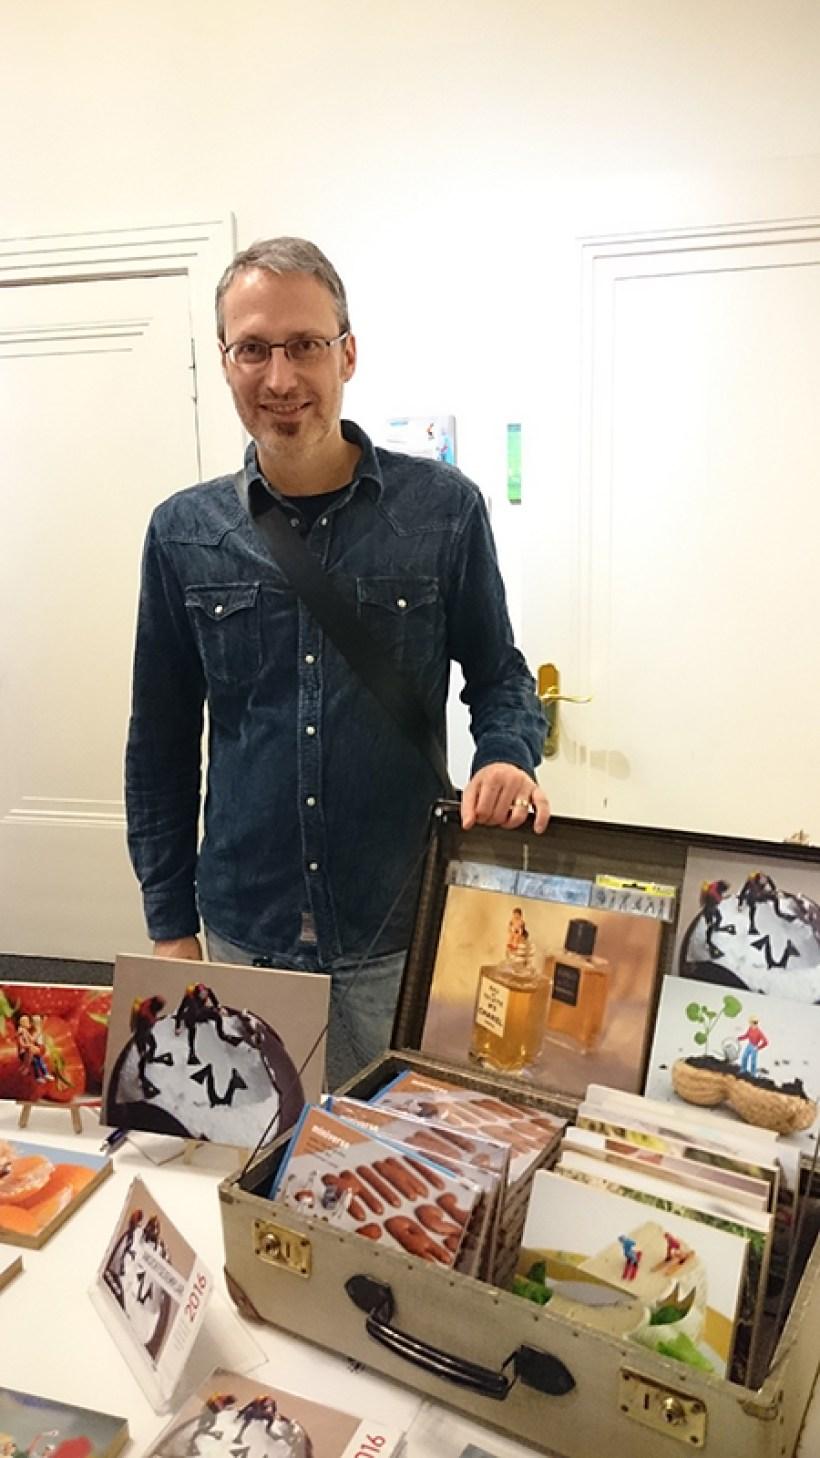 Künstler Bremen ausstellungstipp für bremen miniverse